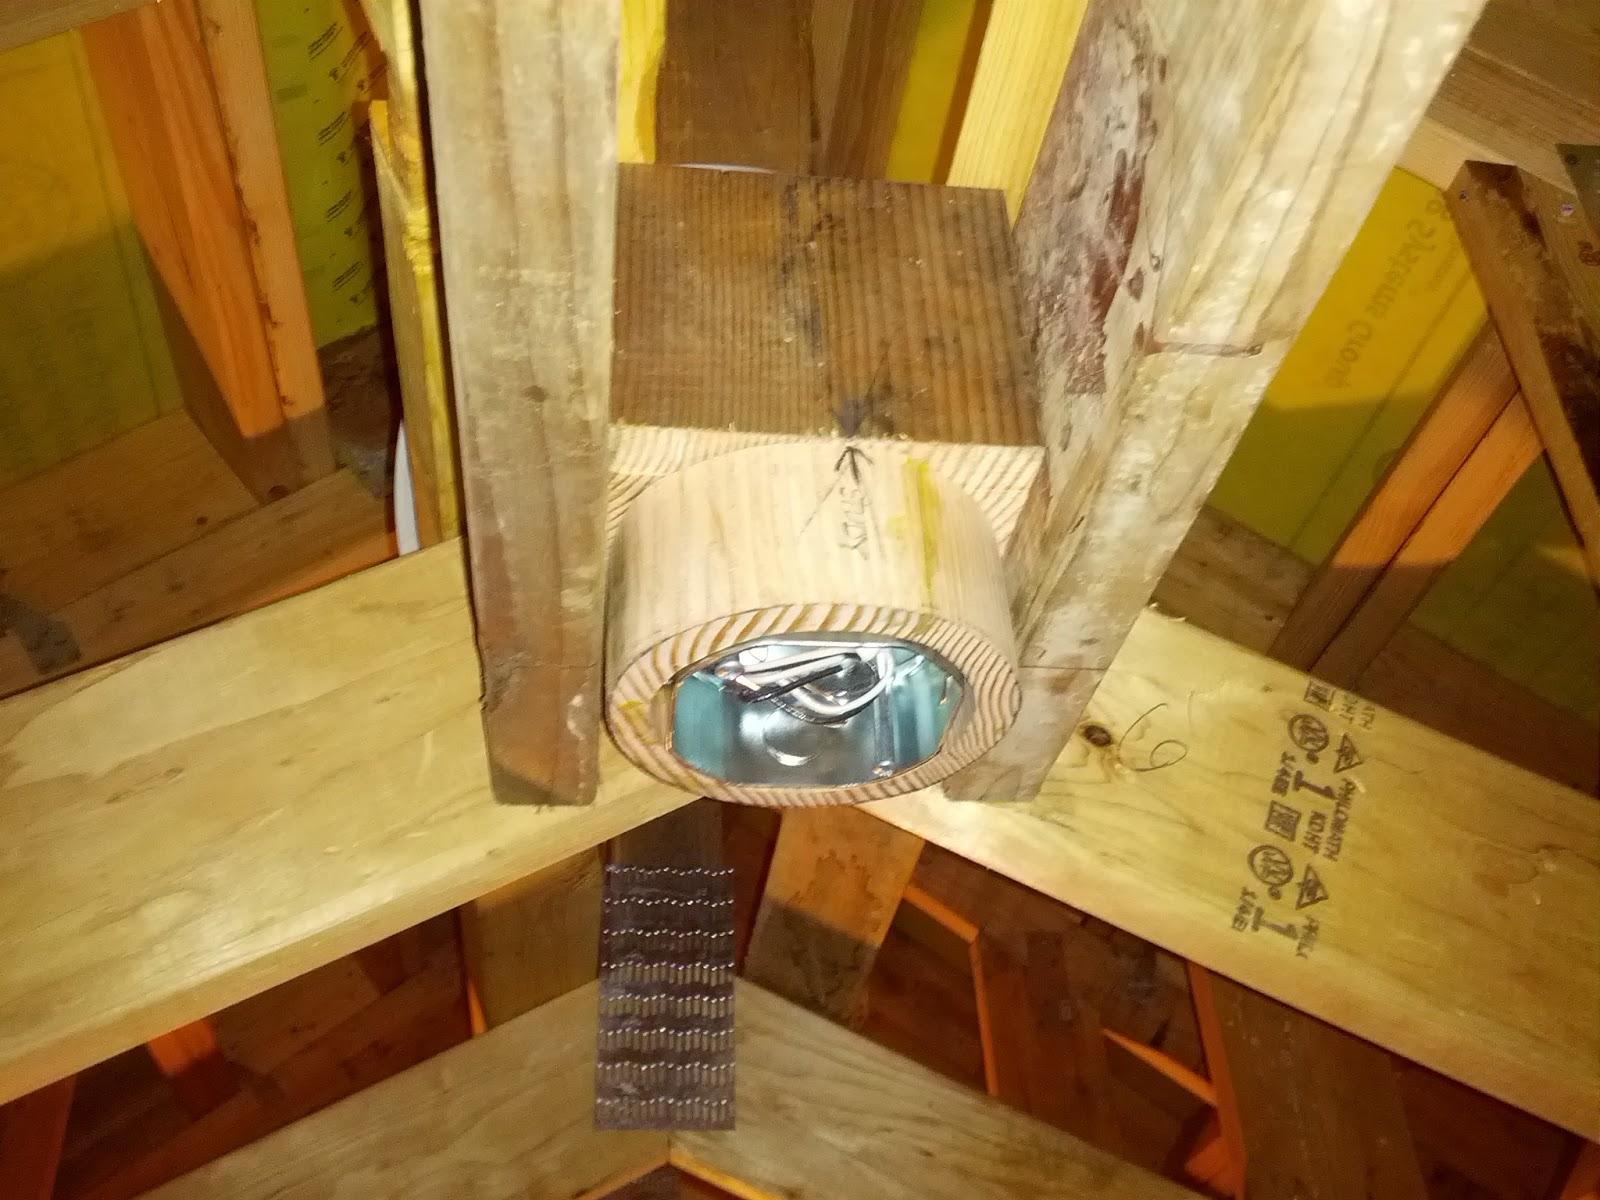 Lhw A Blog Ceiling Fan Mount